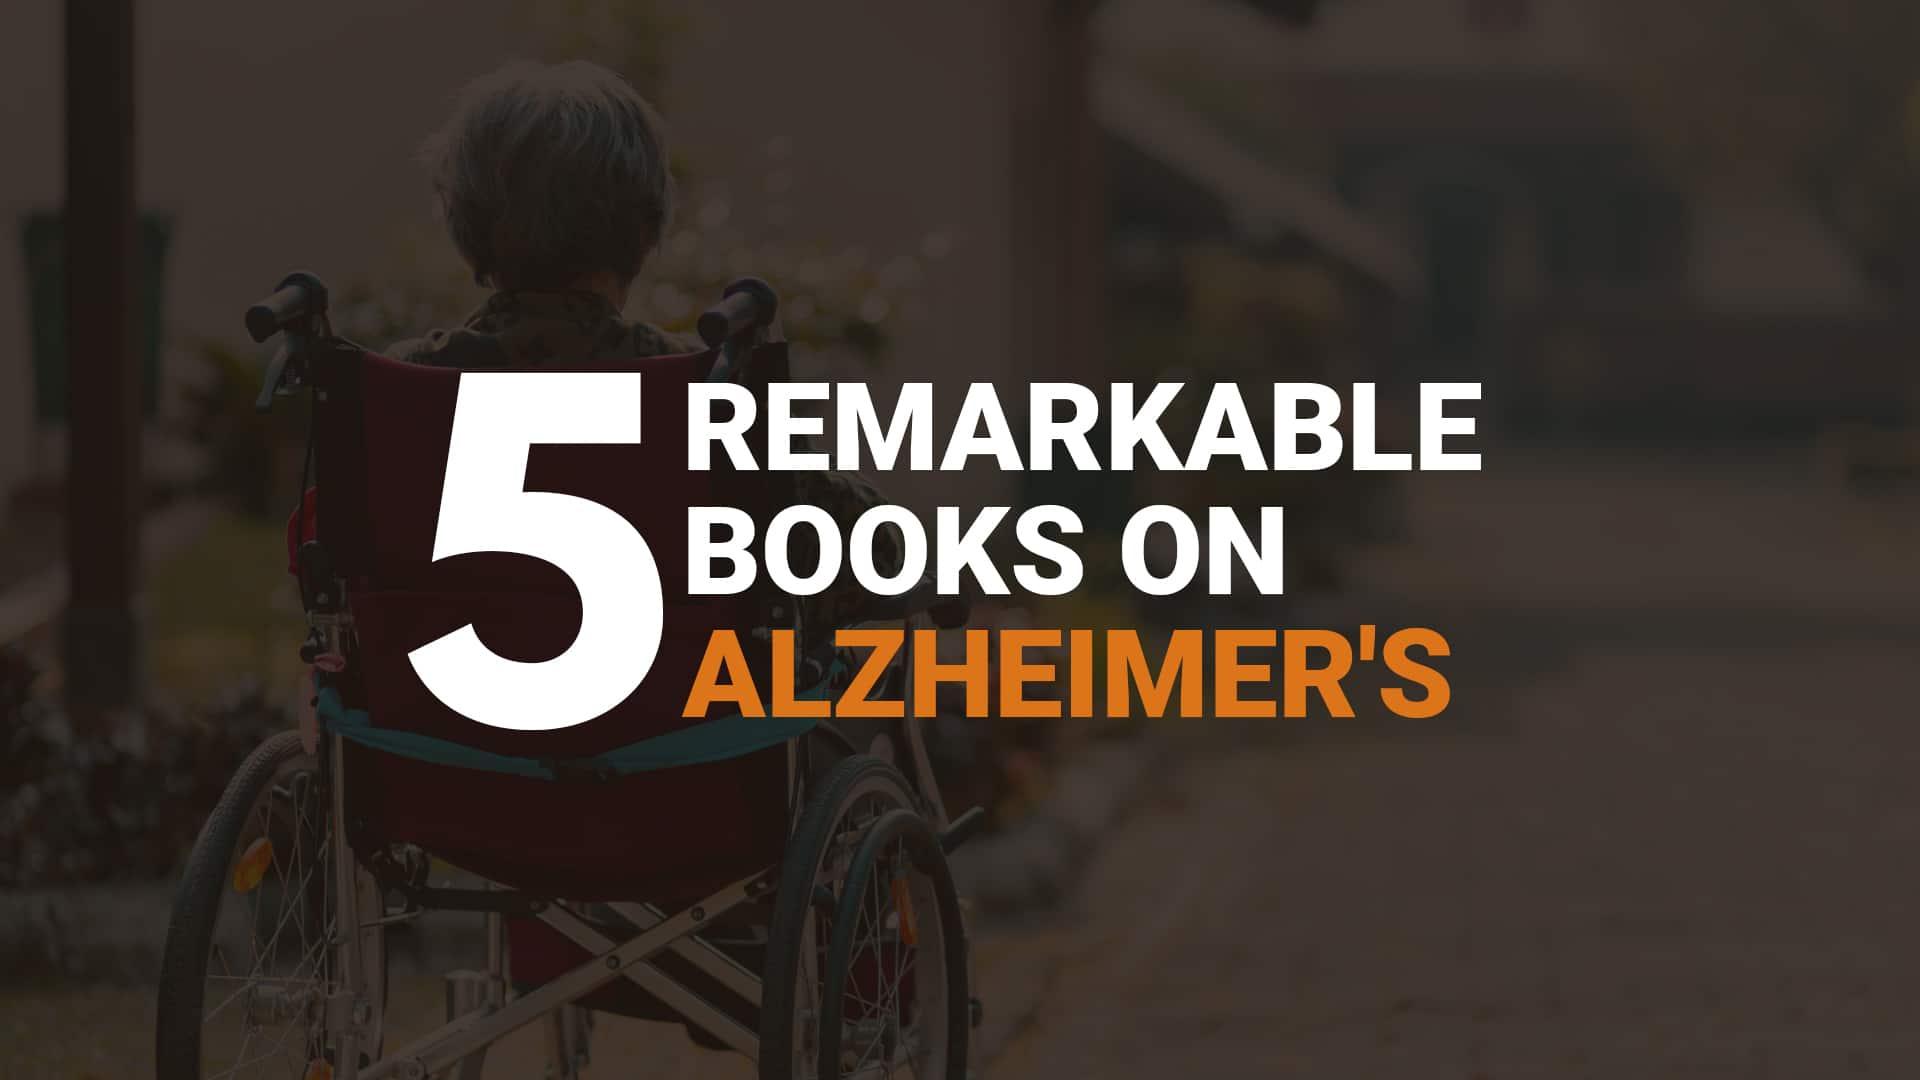 5 Remarkable Books on Alzheimer's banner